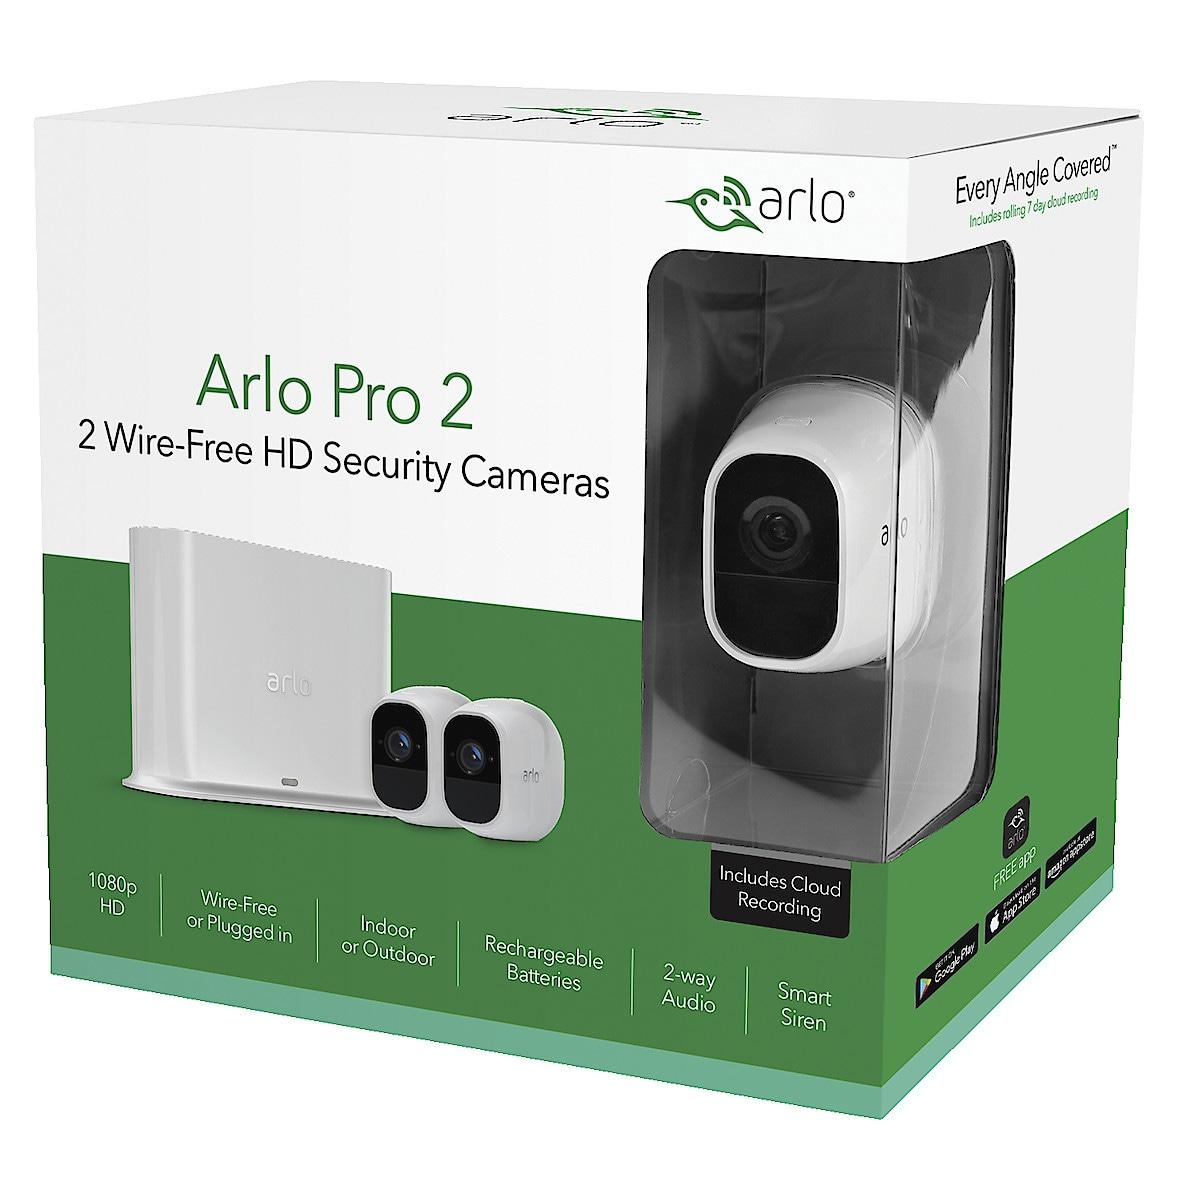 Arlo Pro 2 overvåkningskamera